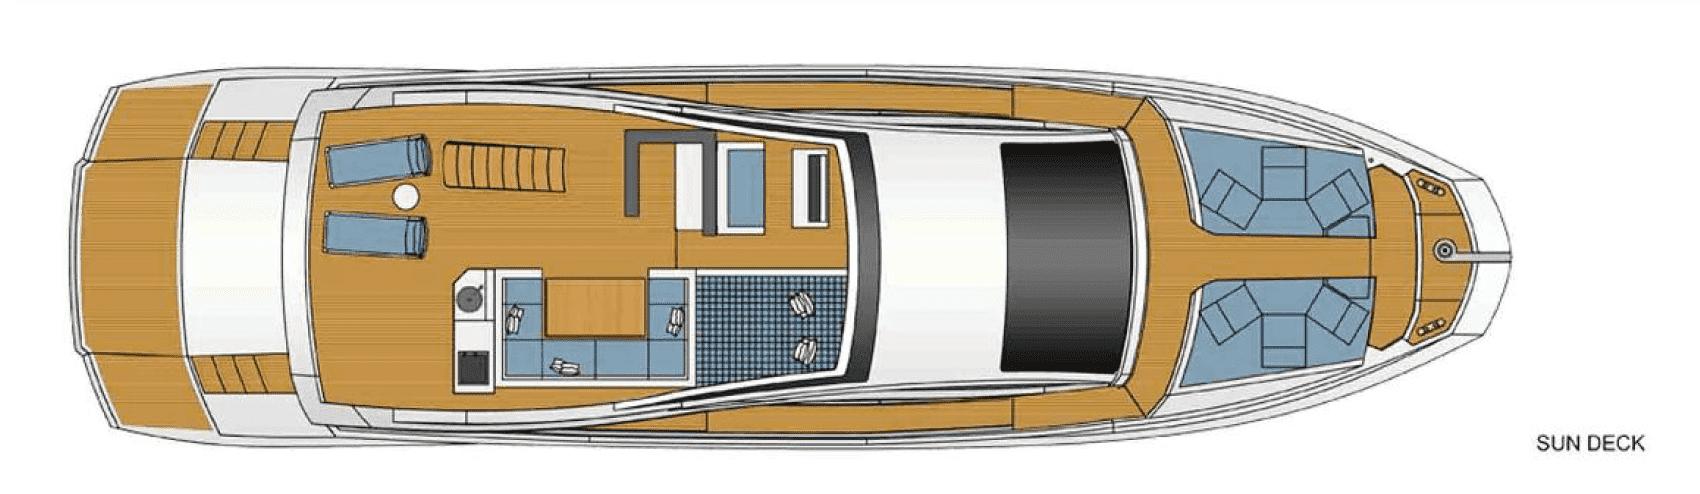 Plan of the Astondoa 72 / Plano de la cubierta 3 Astondoa 72